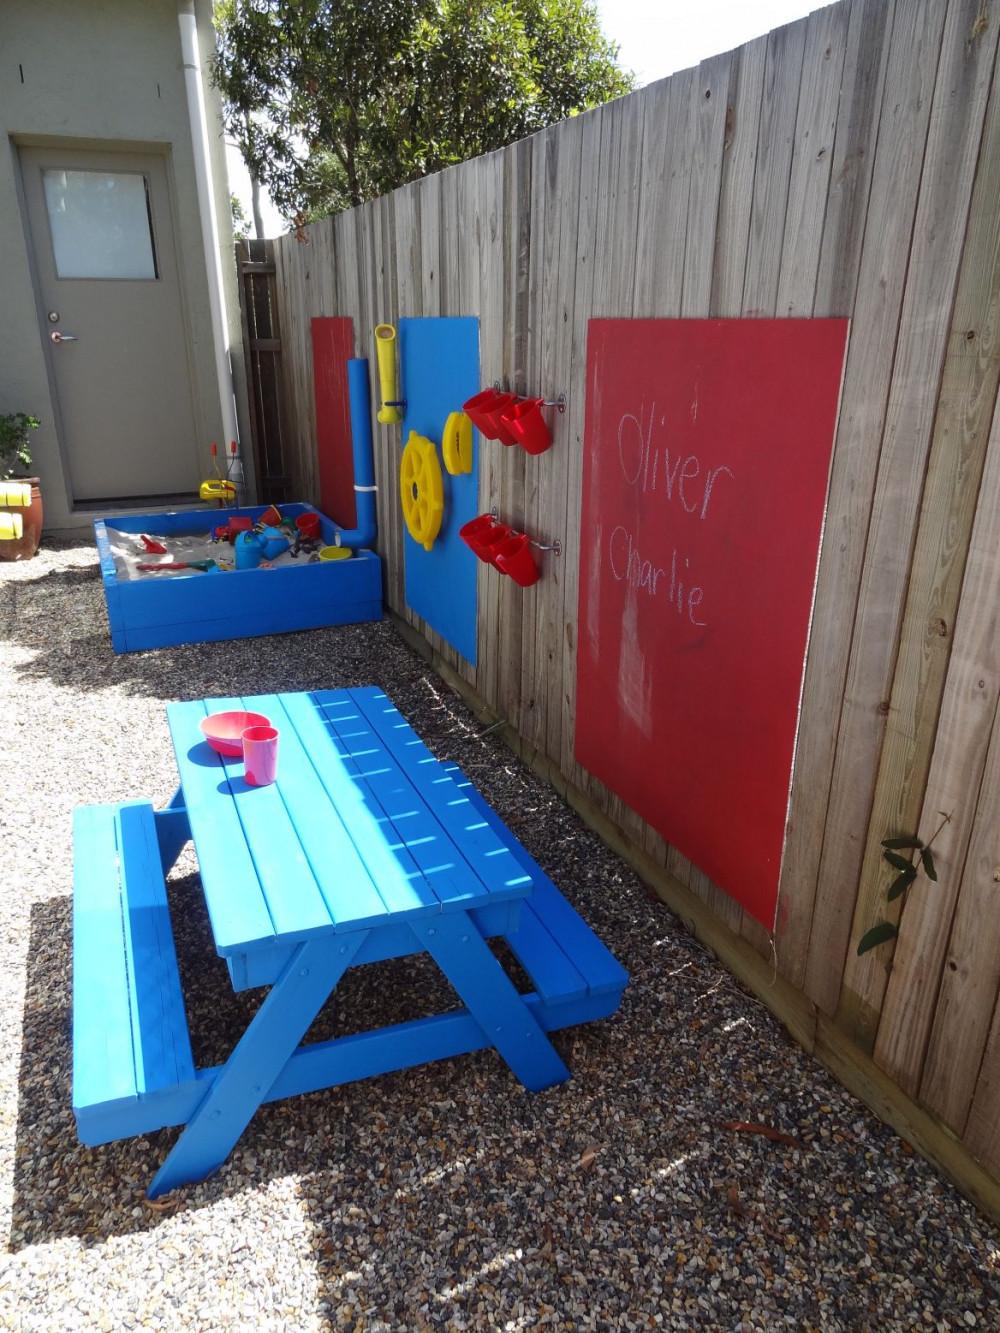 Khu vui chơi đầy màu sắc với hộp cát màu xanh lam tươi sáng, một số đồ trang trí bằng nhựa trên hàng rào và bộ bàn gỗ đáng yêu để bé vẽ tranh, tô tượng.